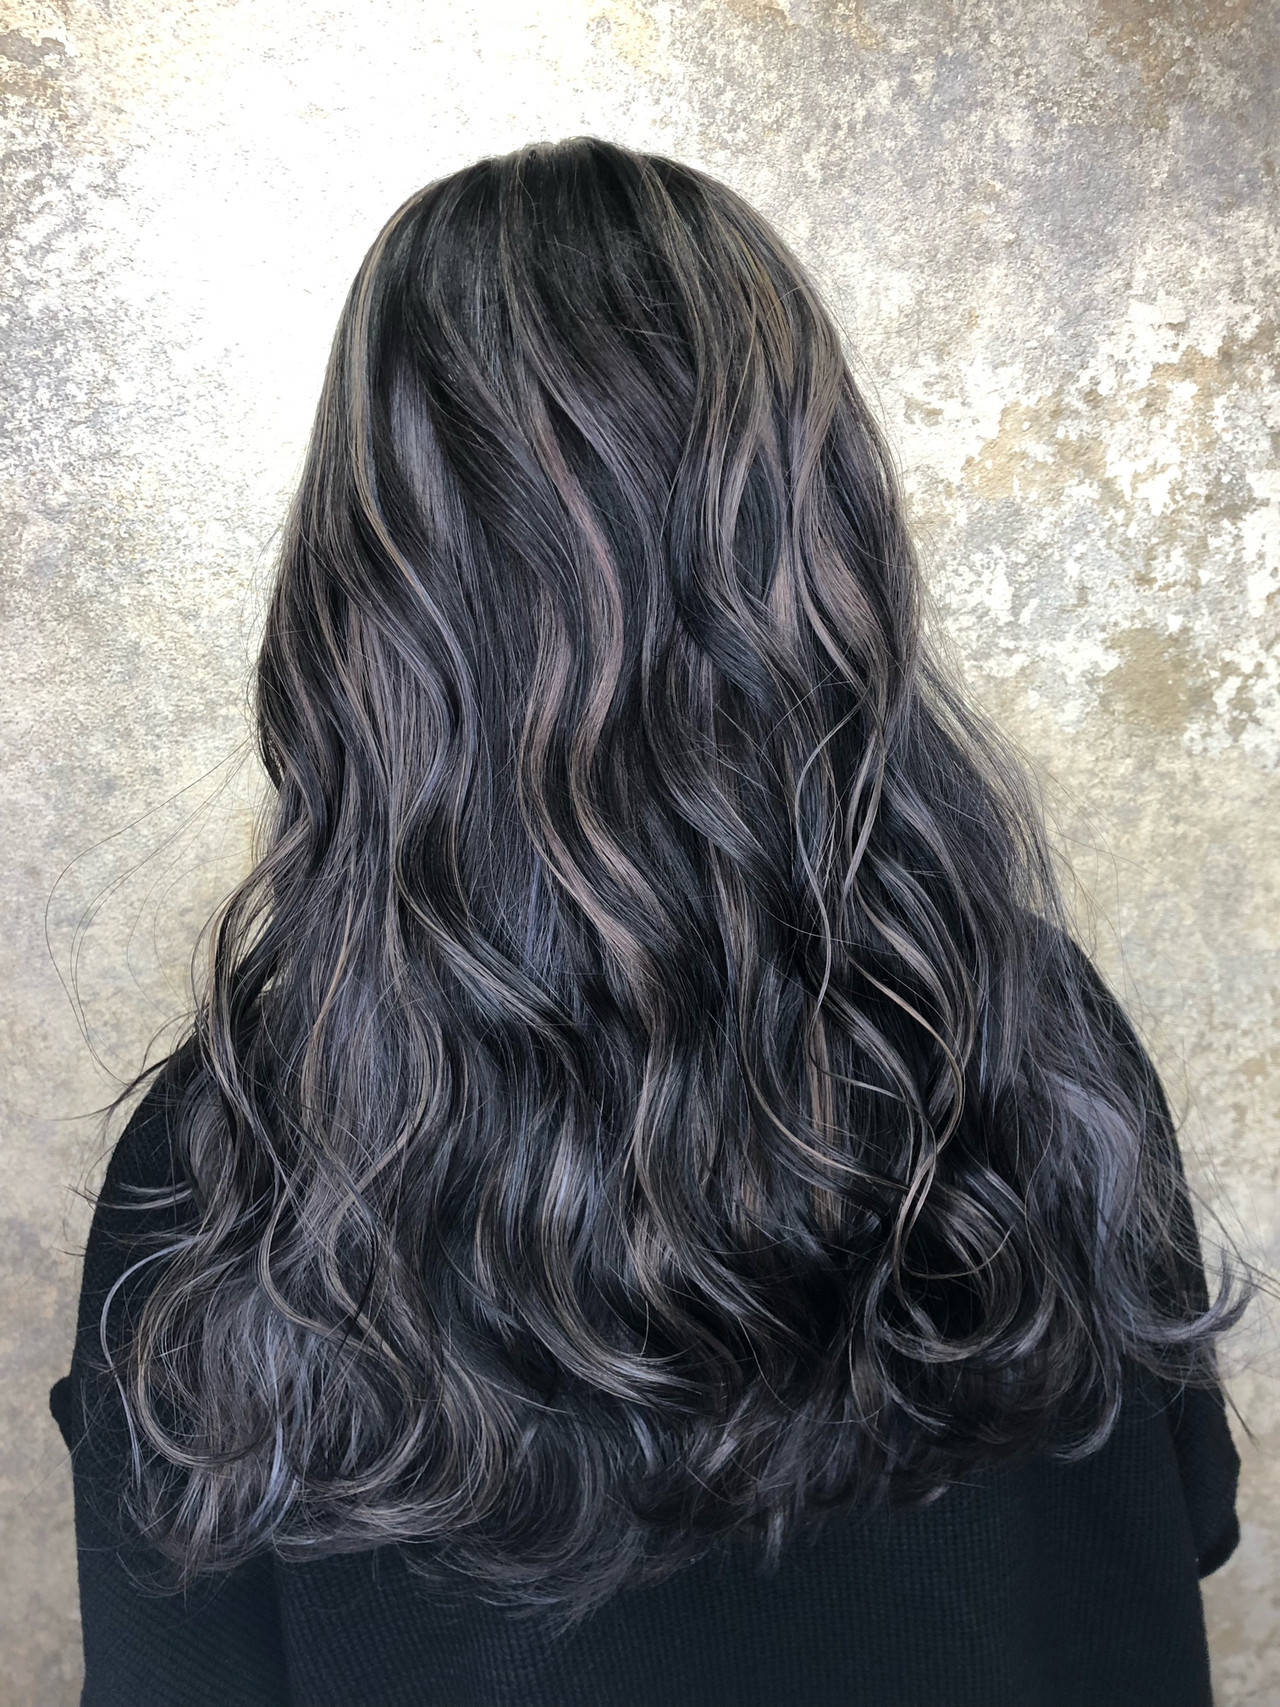 バレイヤージュ 外国人風 黒髪 ロング ヘアスタイルや髪型の写真・画像